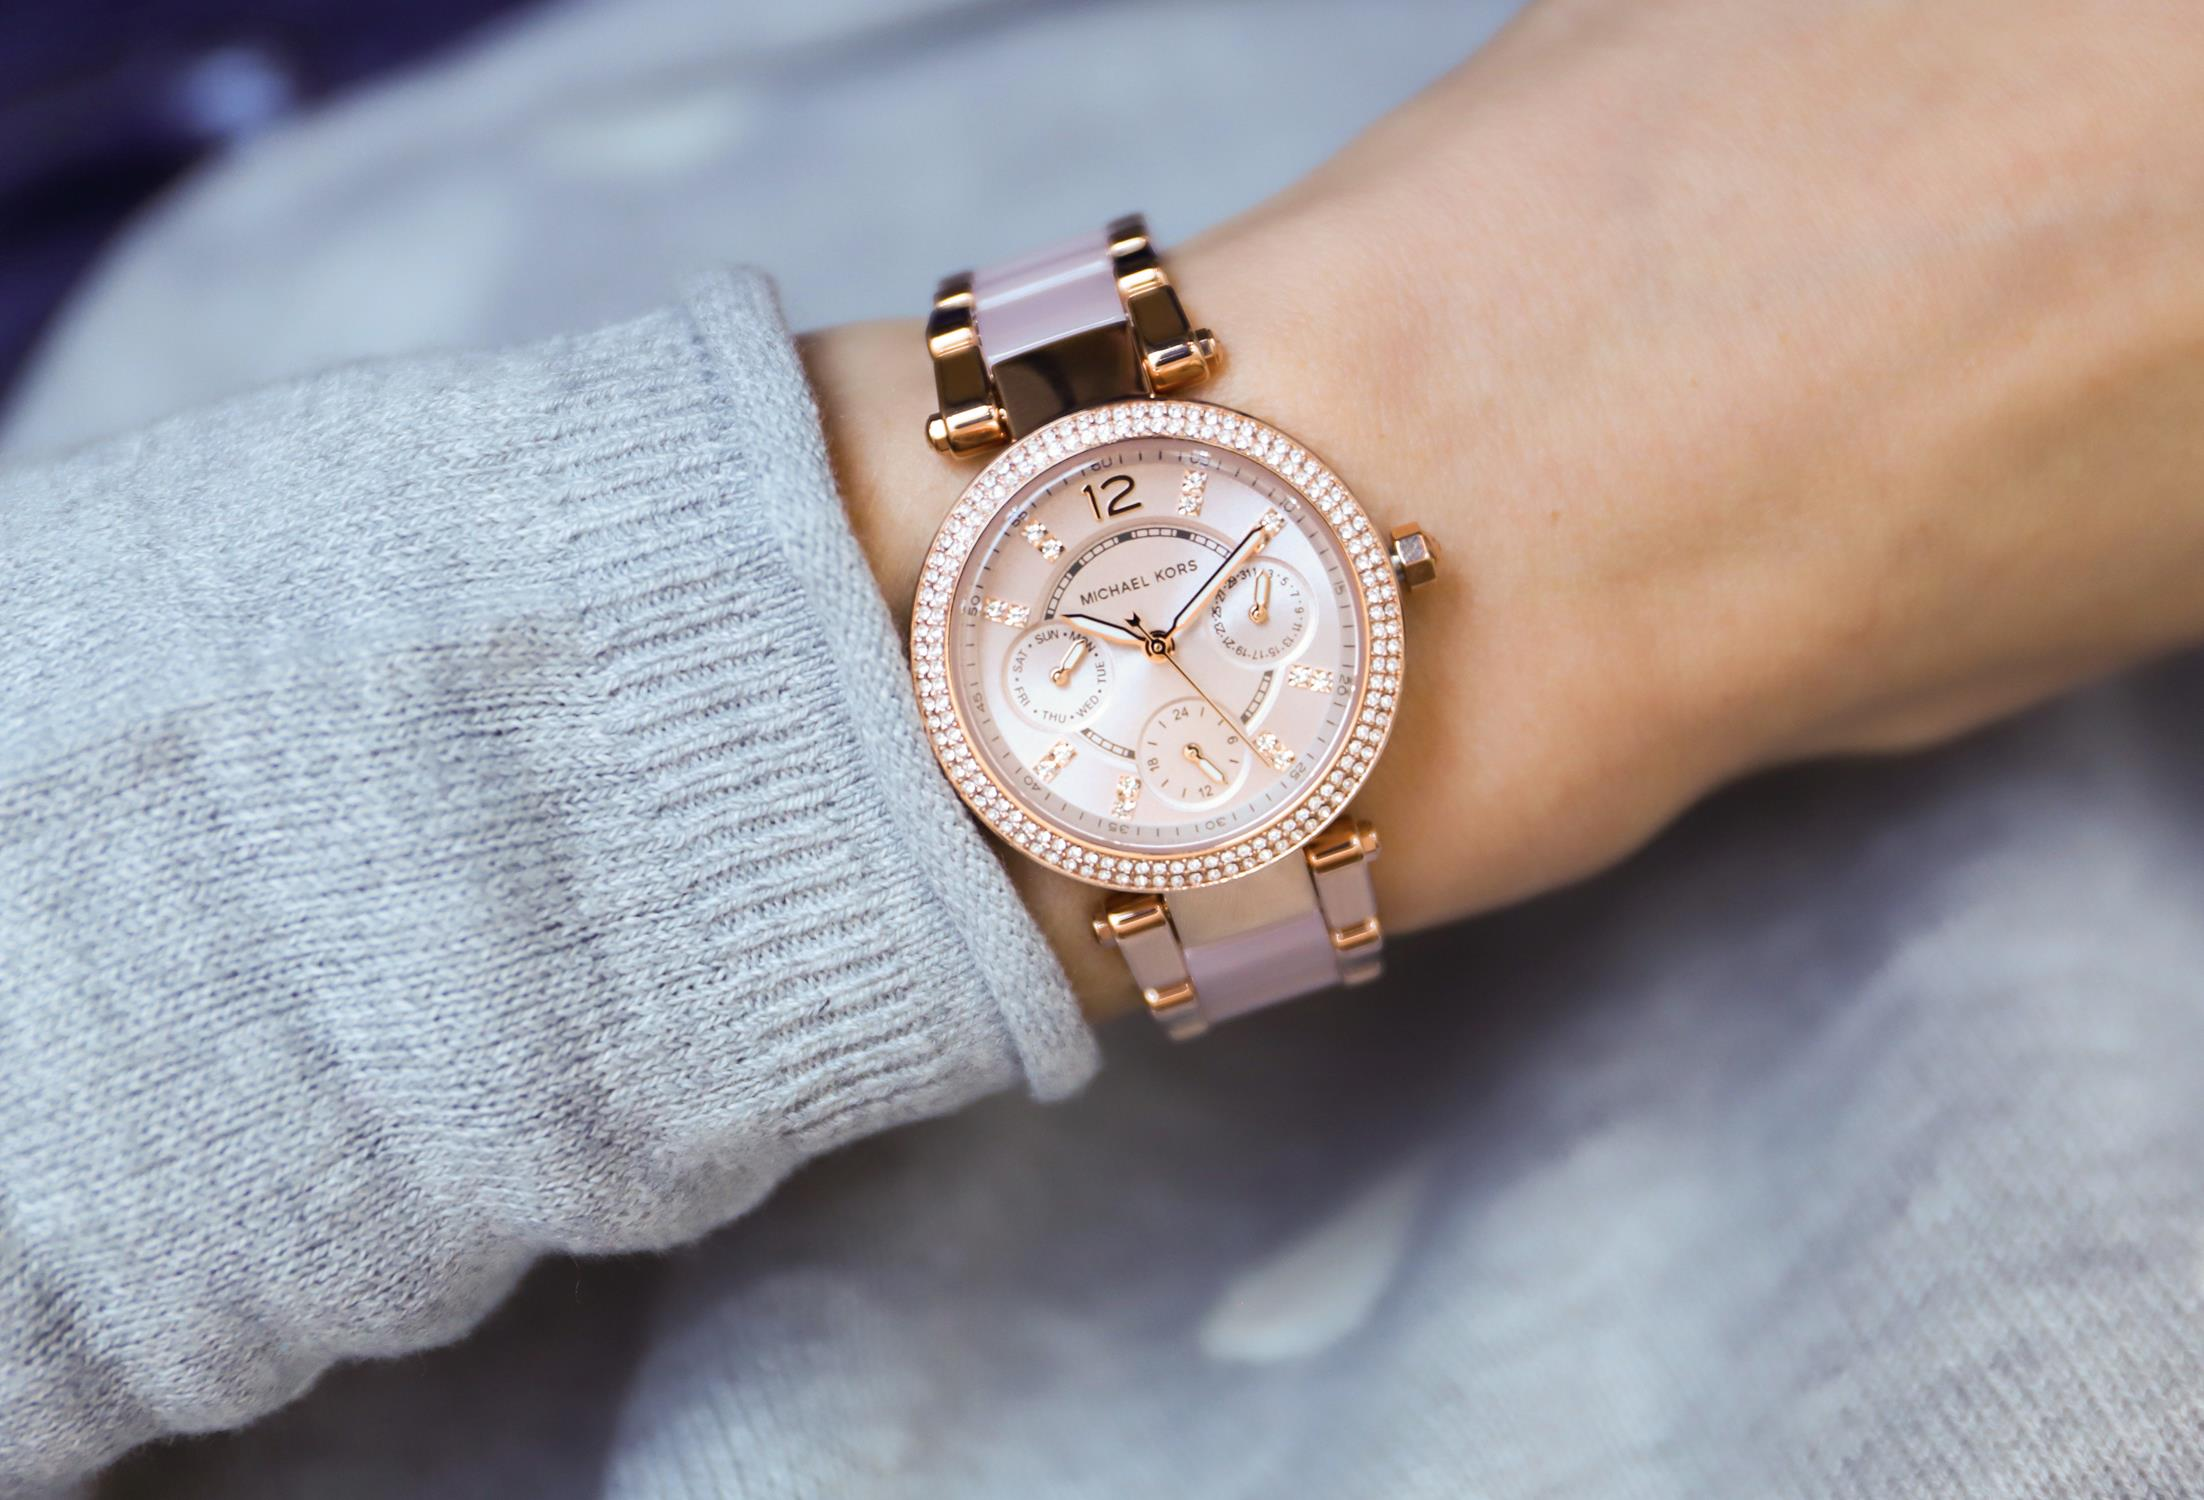 Michael Kors MK6110 zegarek różowe złoto fashion/modowy Parker bransoleta